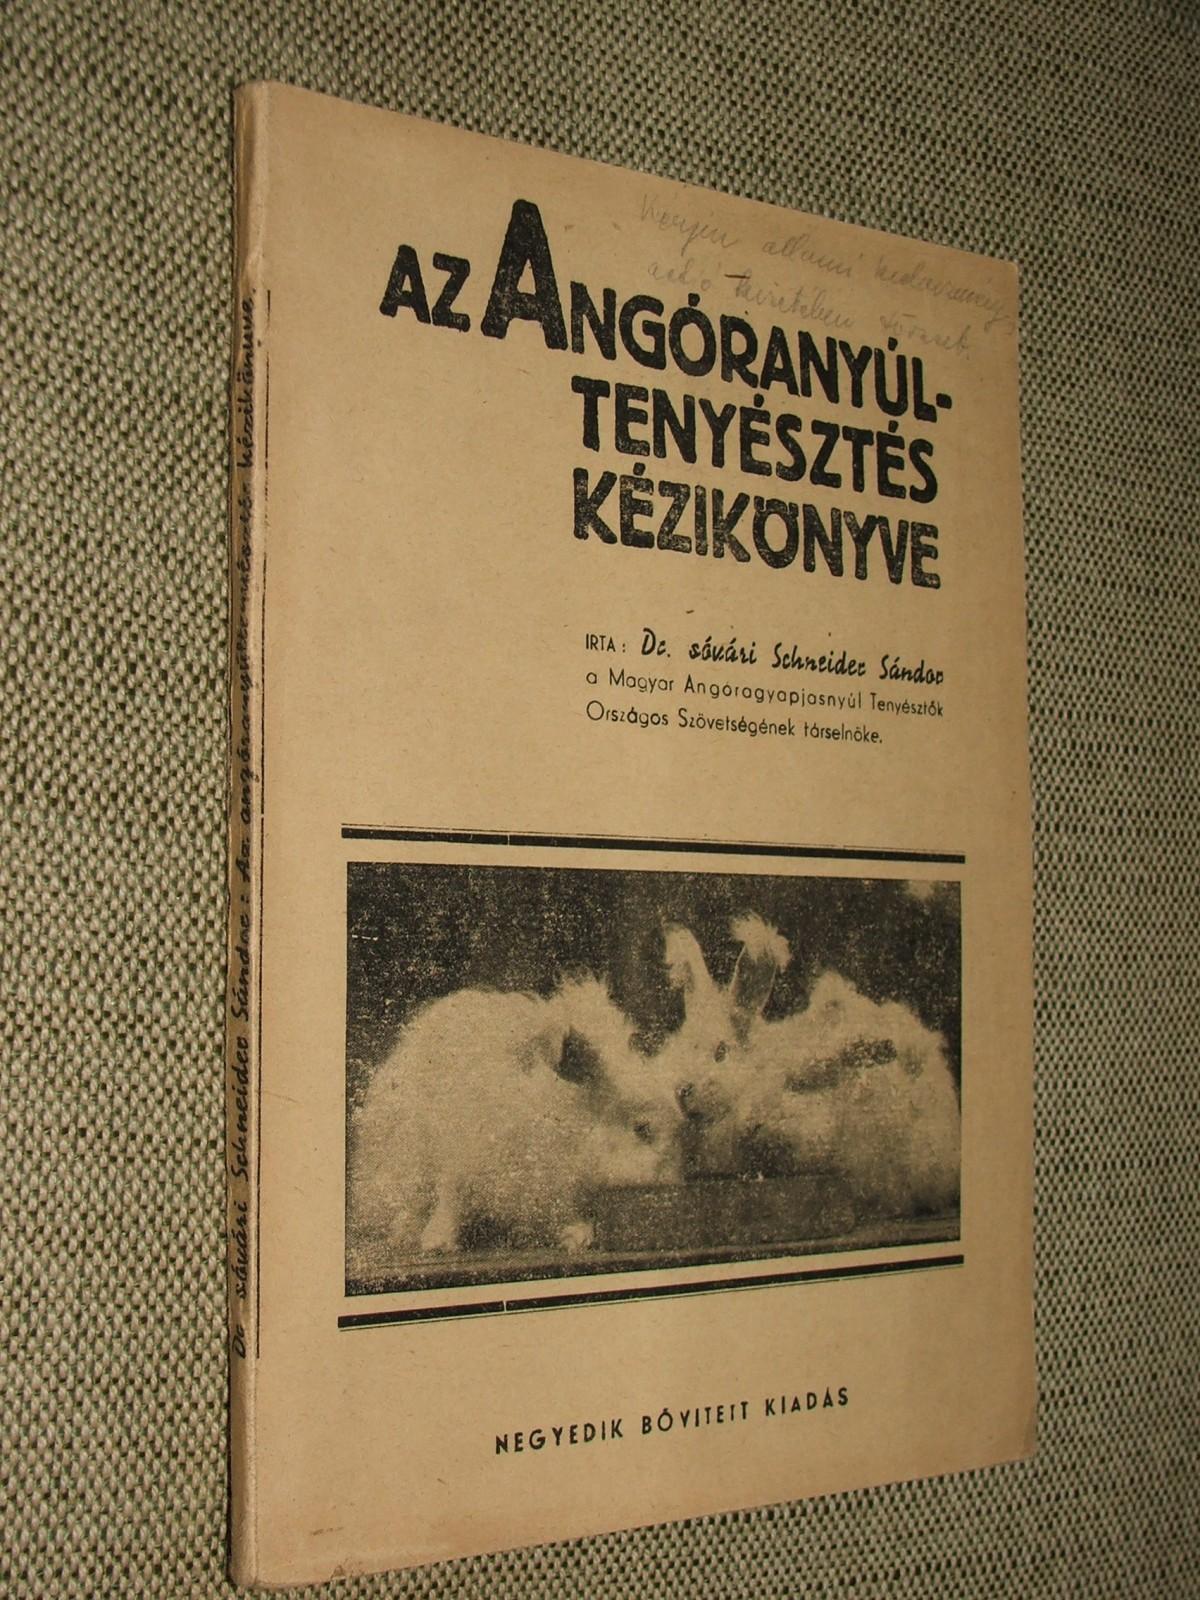 SCHNEIDER Sándor: Az angóranyúl-tenyésztés kézikönyve